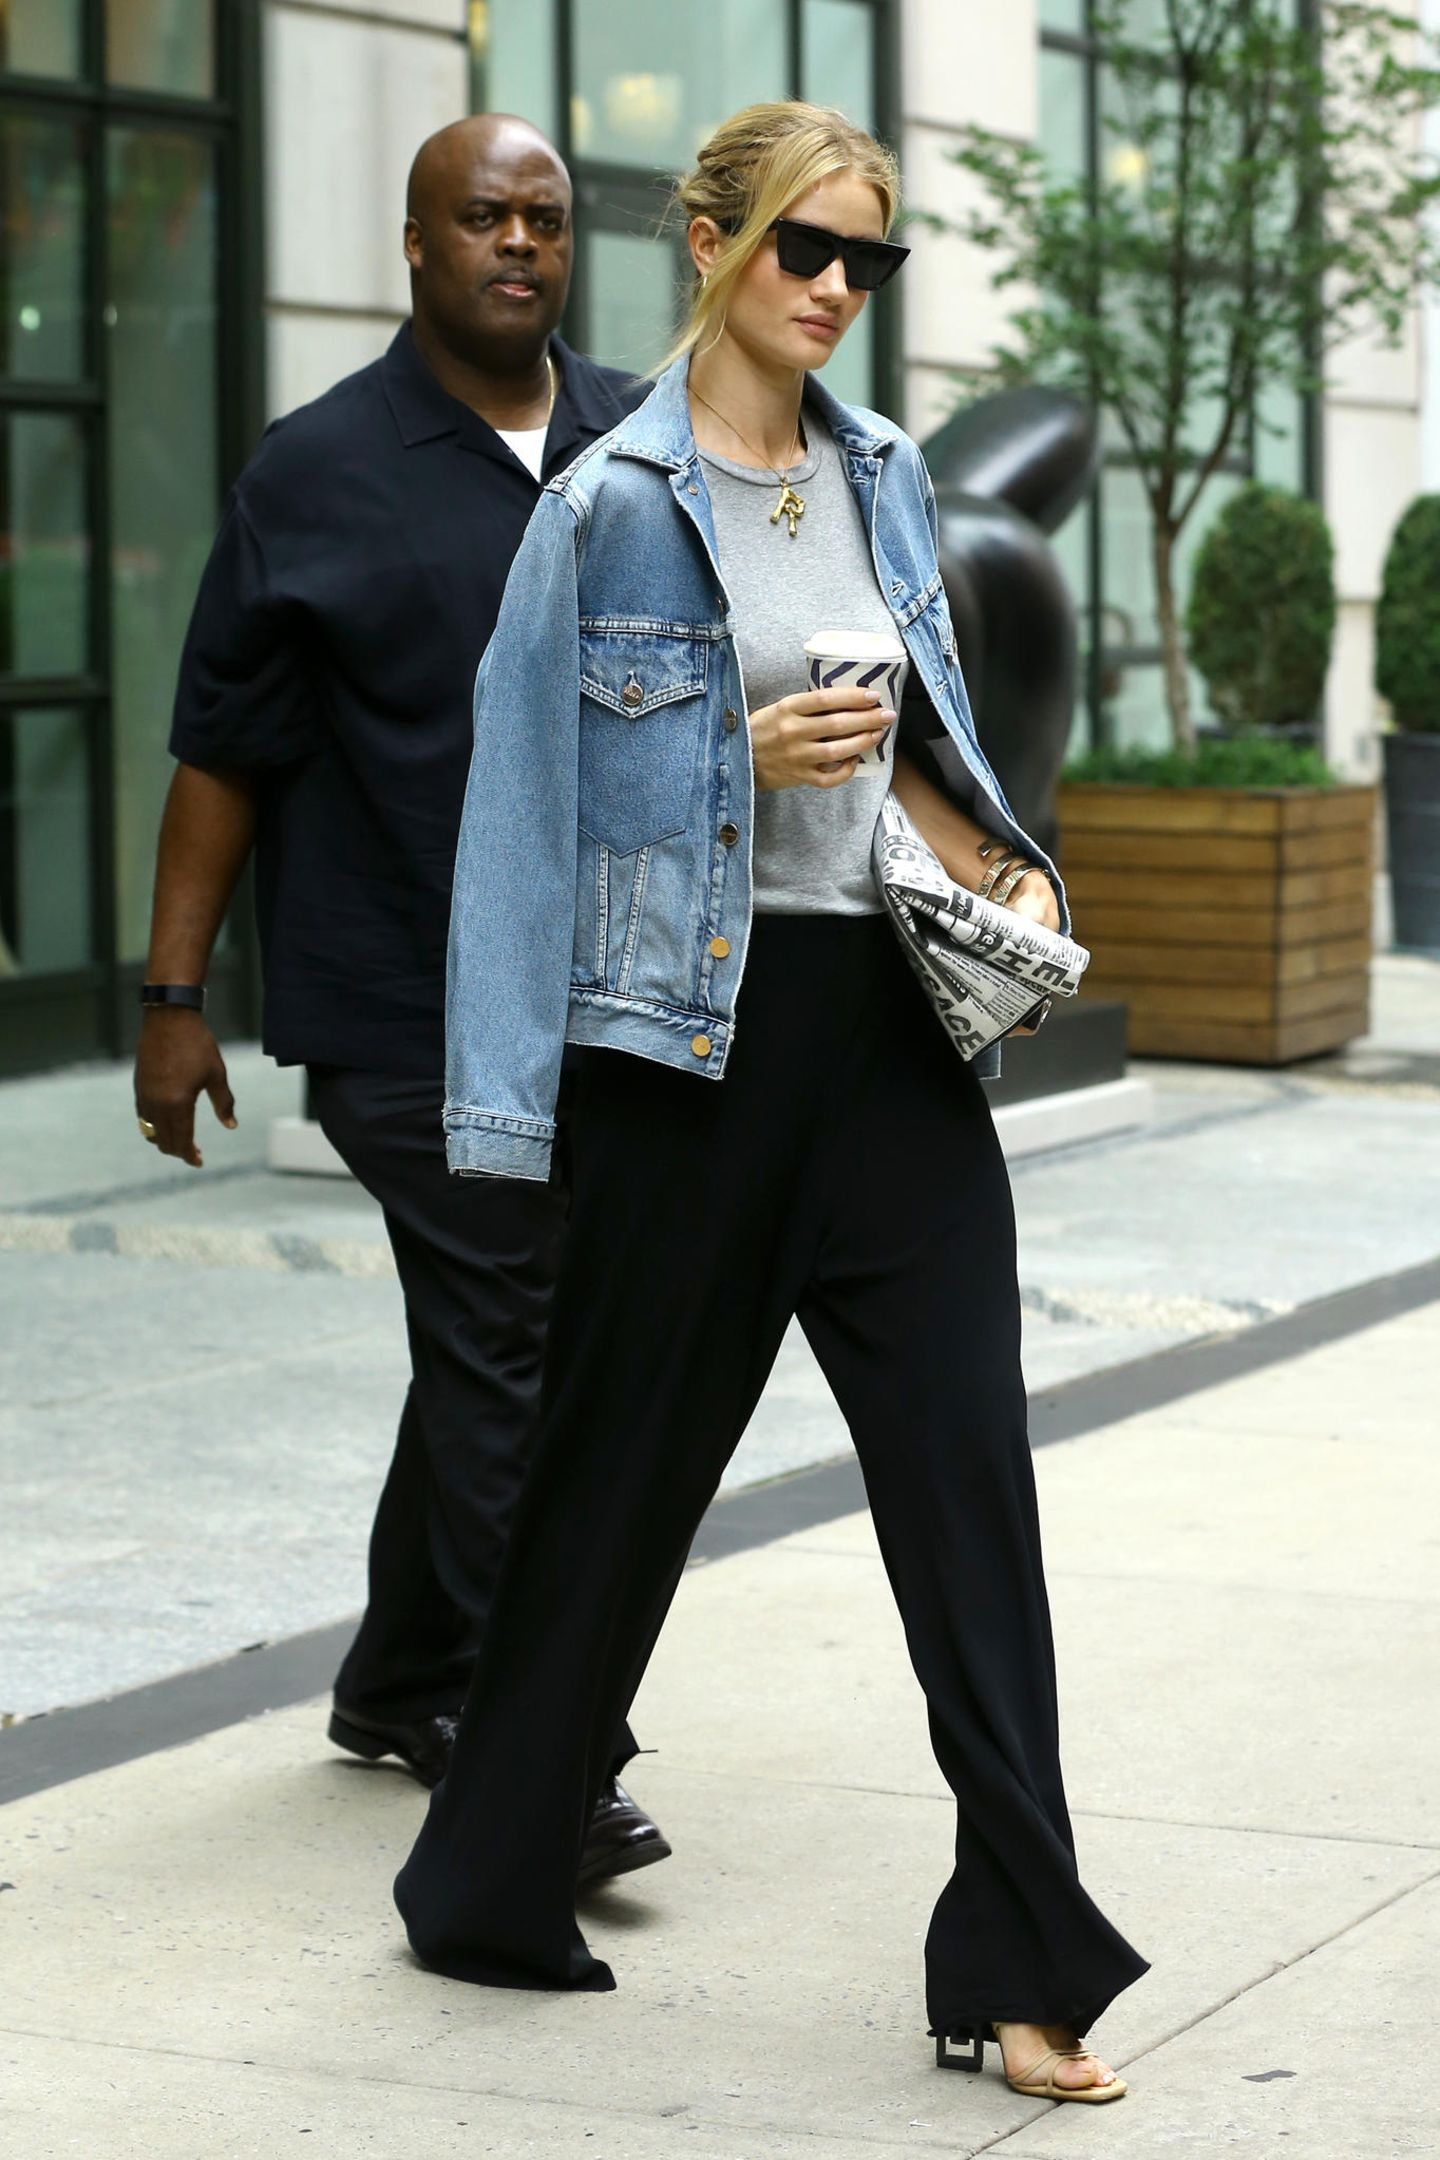 Kurz zuvor war sie noch in einem deutlich legereren Outfit unterwegs: Eine lässige schwarze Hose, ein graues Shirt und eine coole Jeansjacke, die sie sich übergeworfen hat, geben ein stimmiges Bild ab.